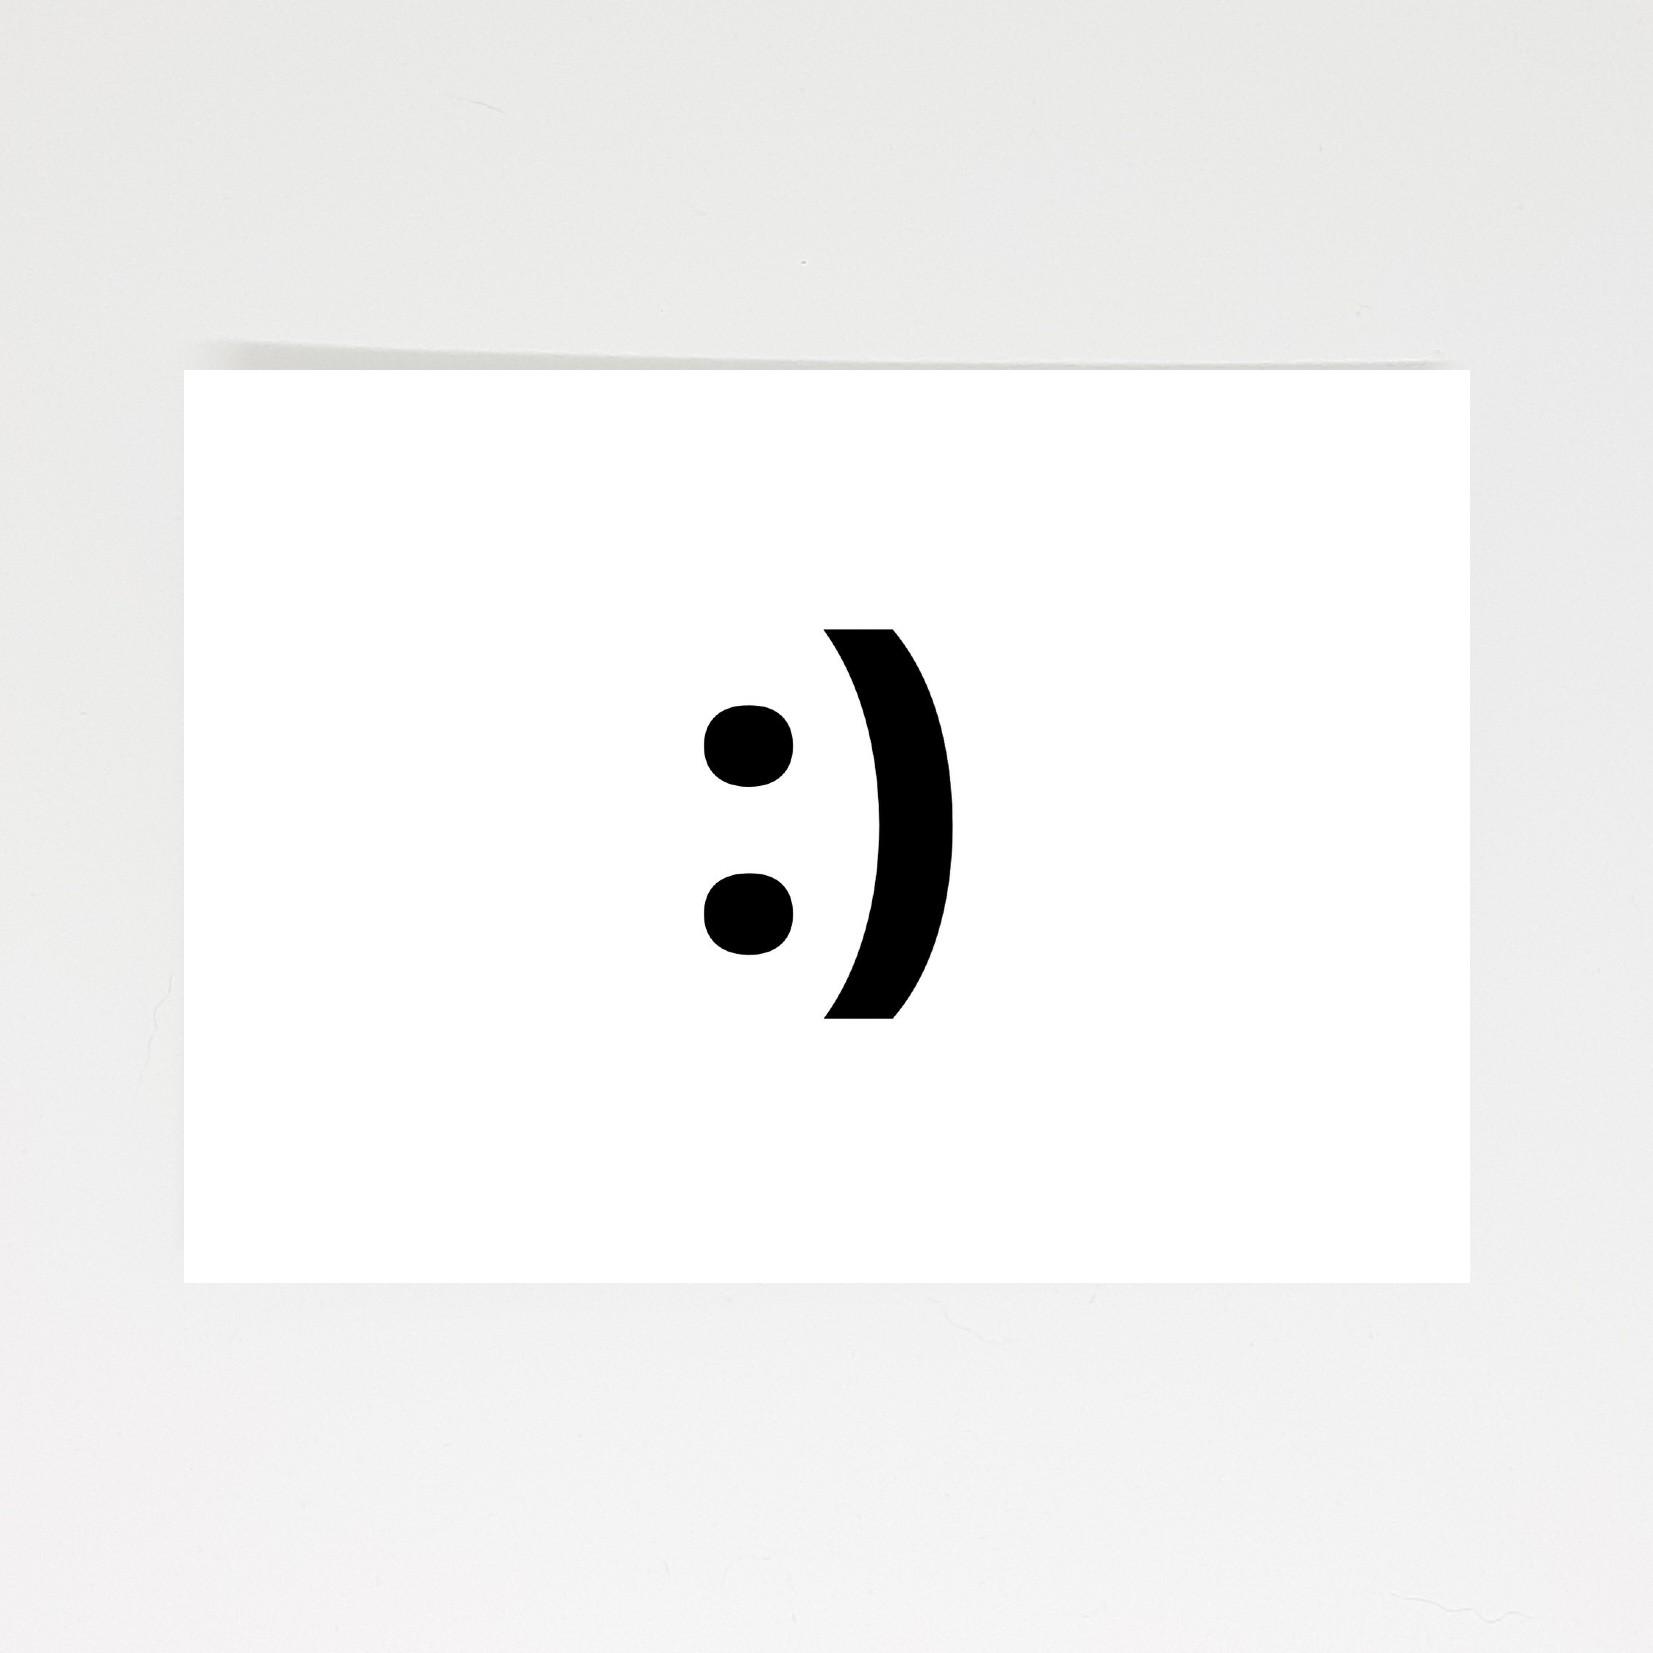 ansichtkaart smiley